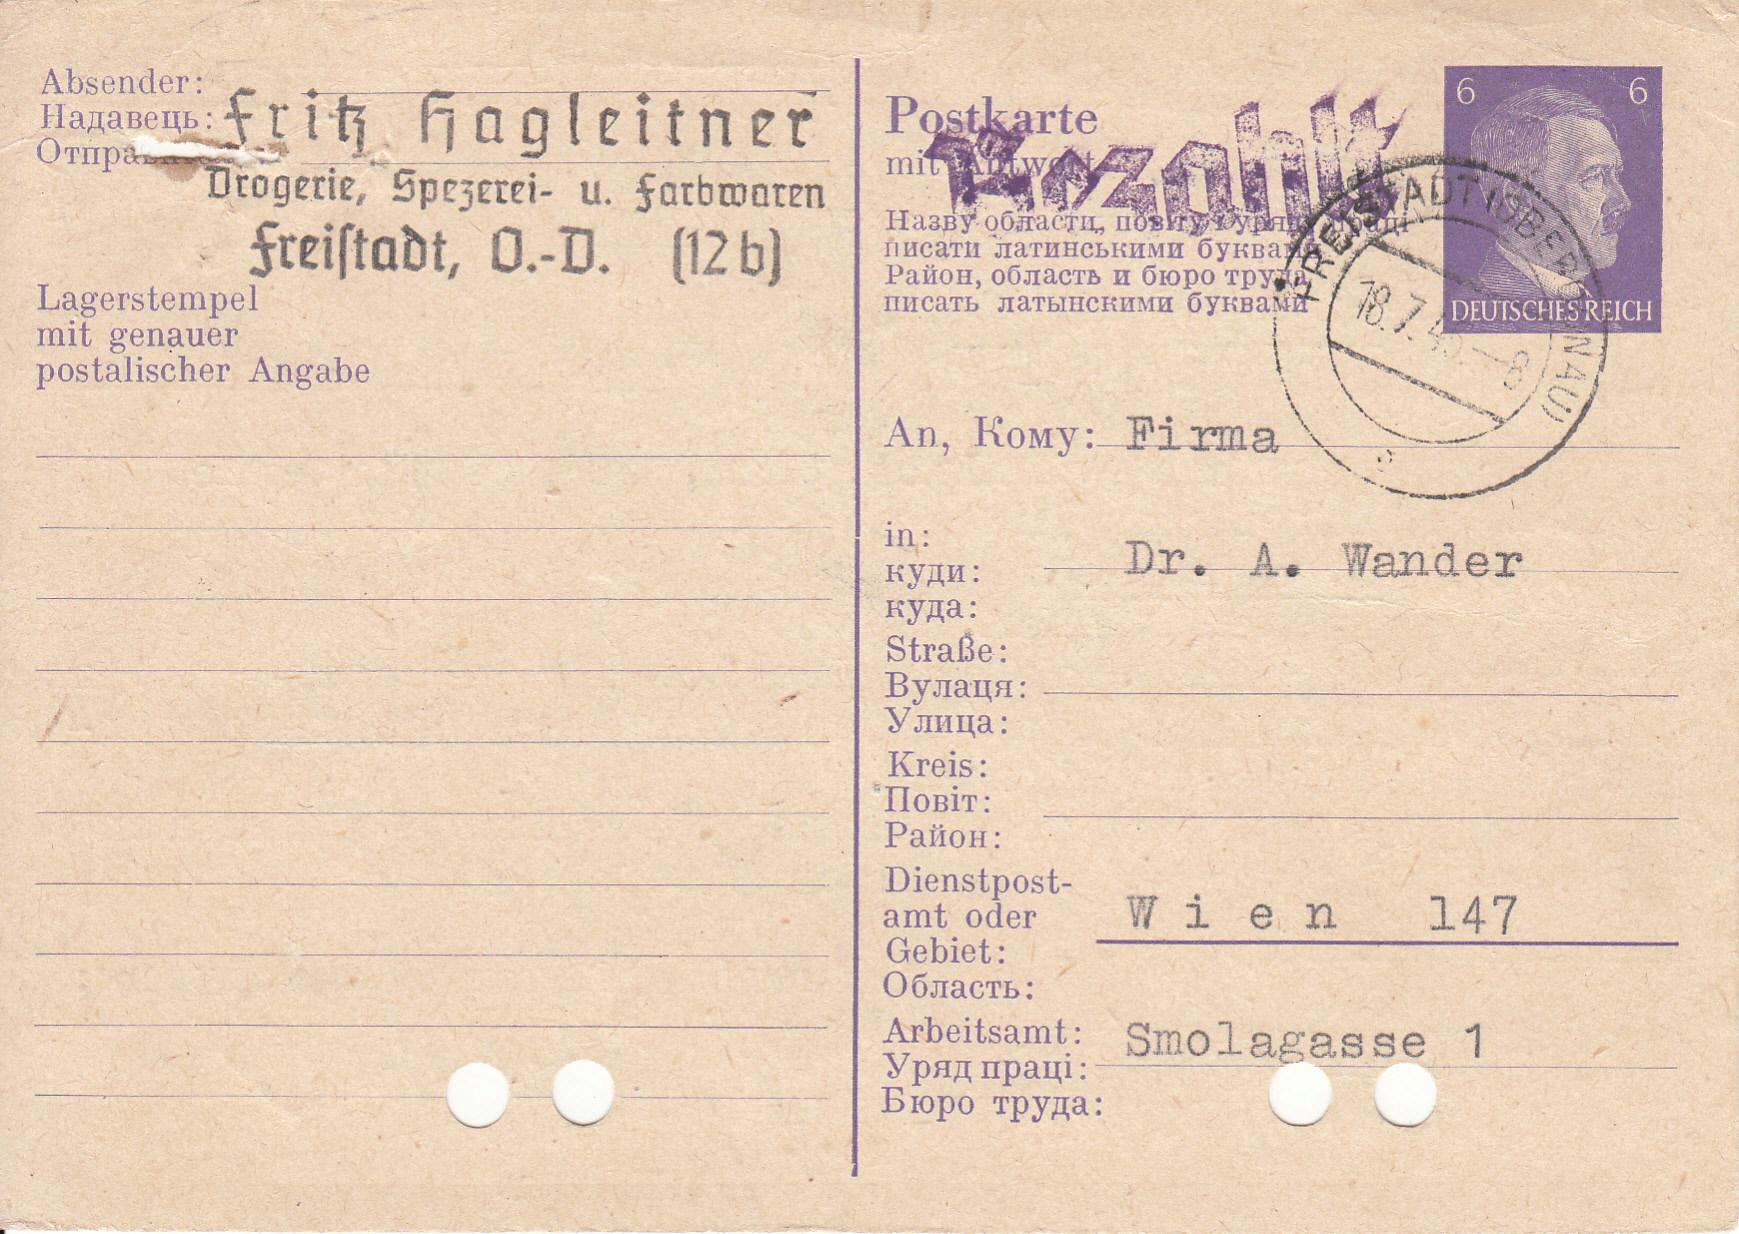 Notmaßnahmen und Provisorien bei Postkarten 1945-1948 - Seite 2 Img291